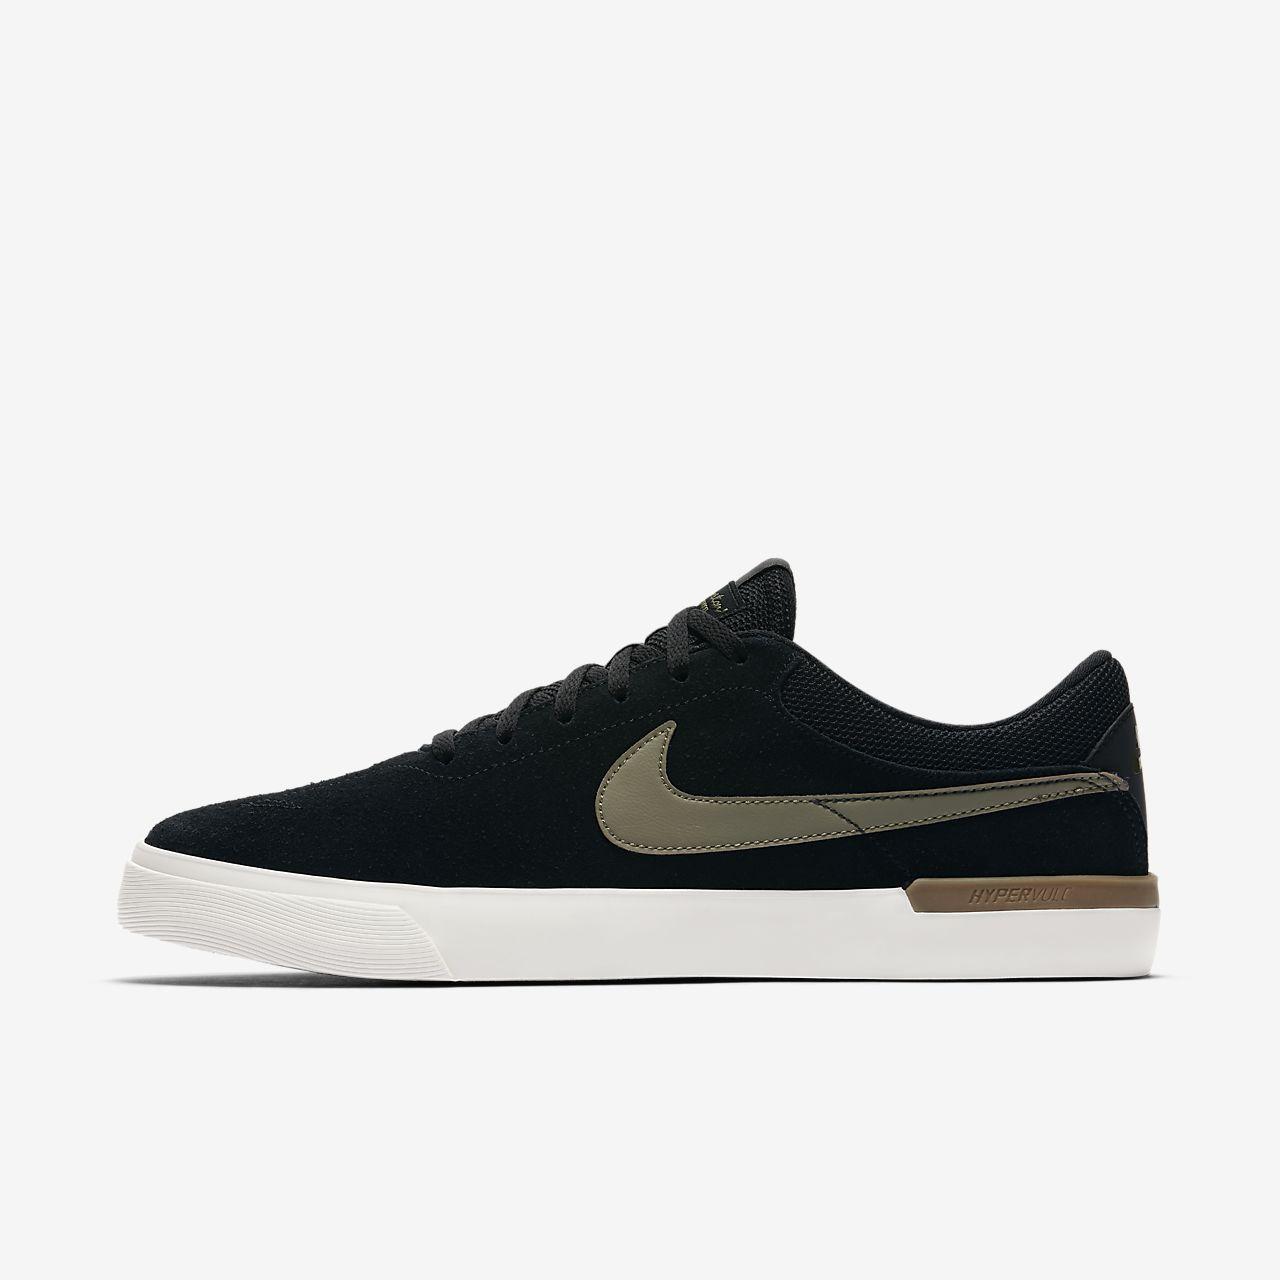 ... Nike SB Koston Hypervulc Men's Skateboarding Shoe